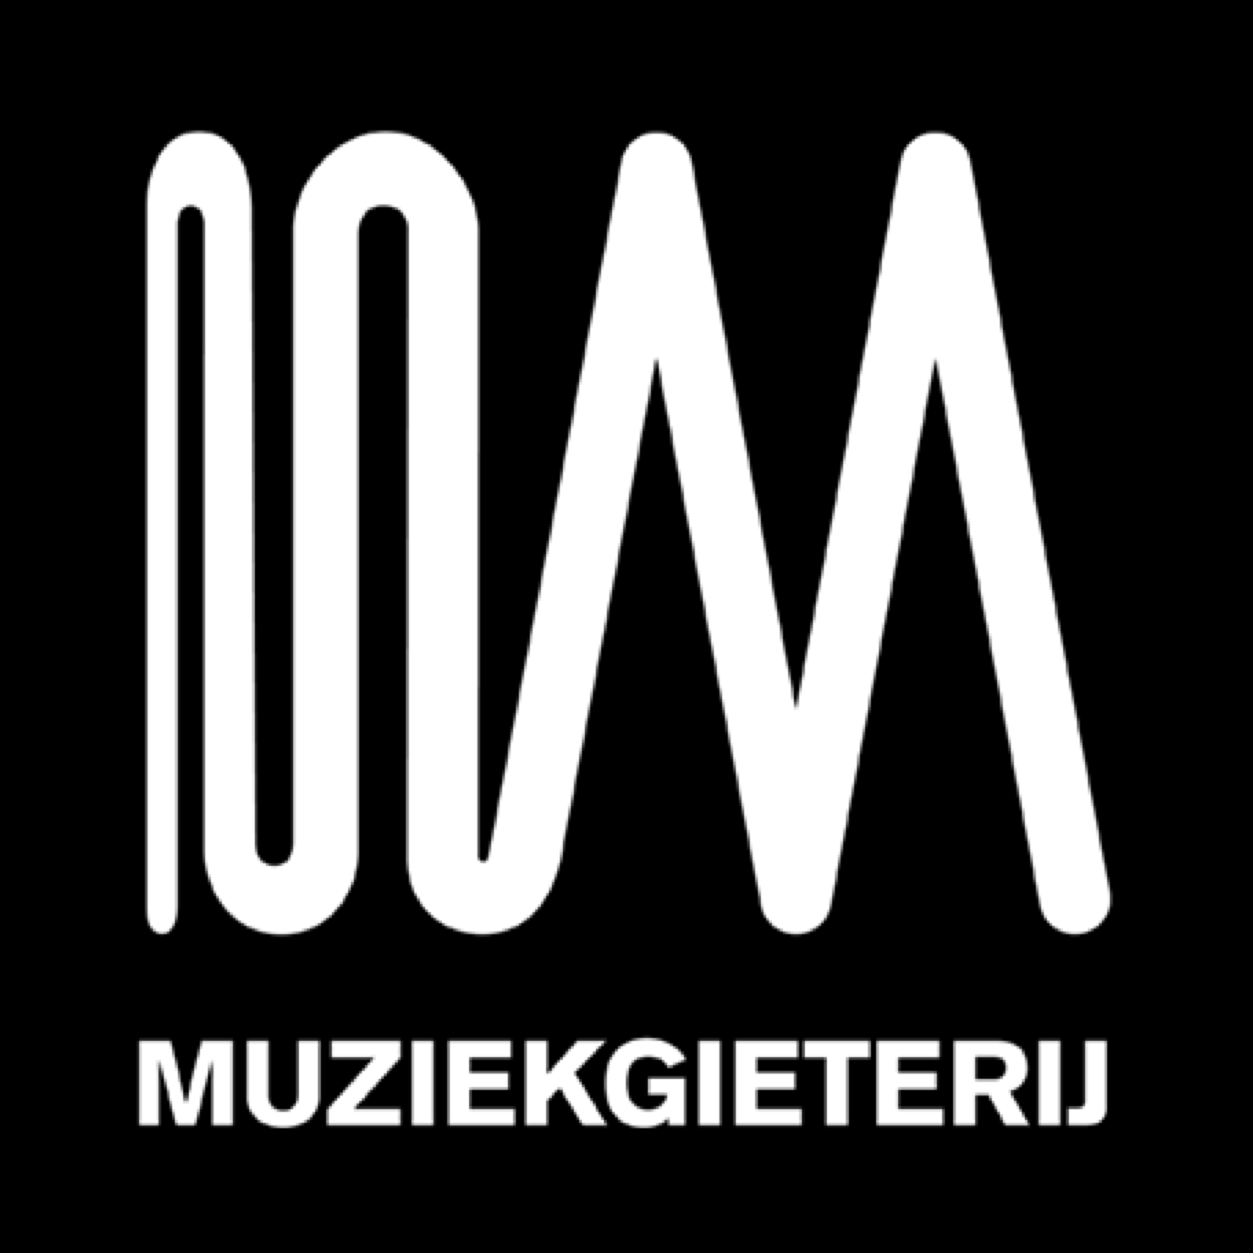 Mindnote clients Muziekgieterij